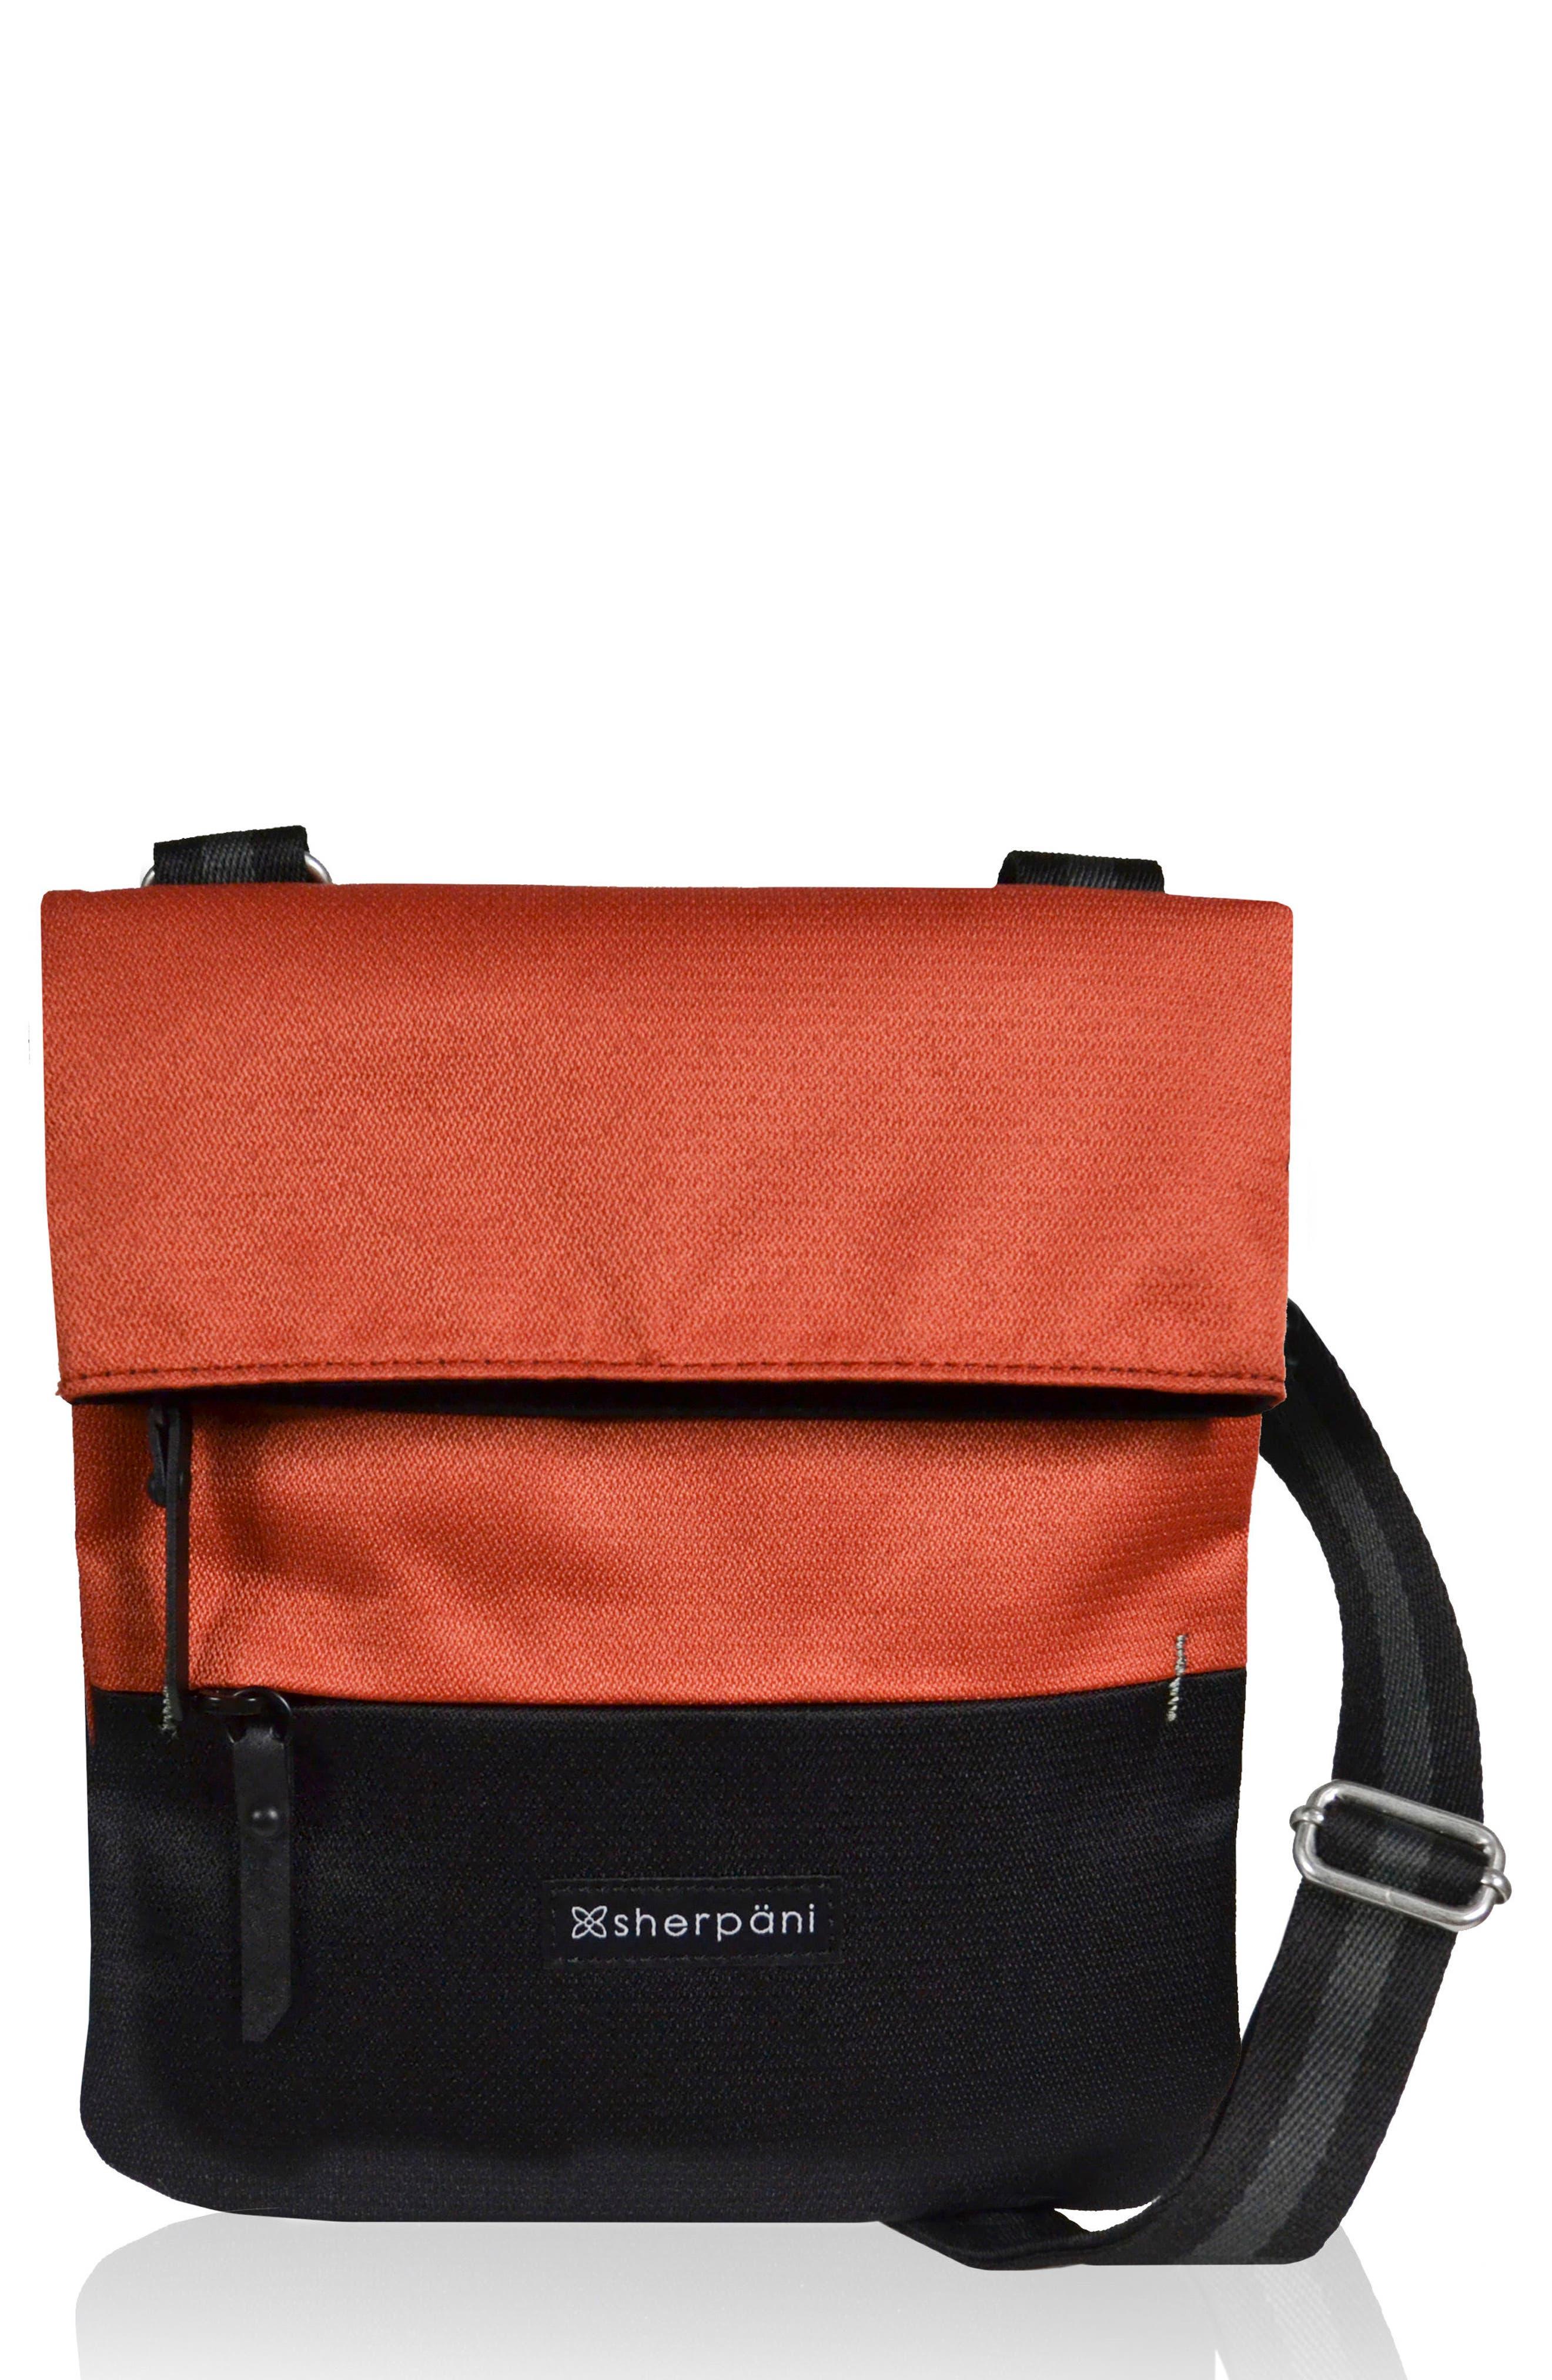 Small Pica Crossbody Bag,                             Main thumbnail 1, color,                             600